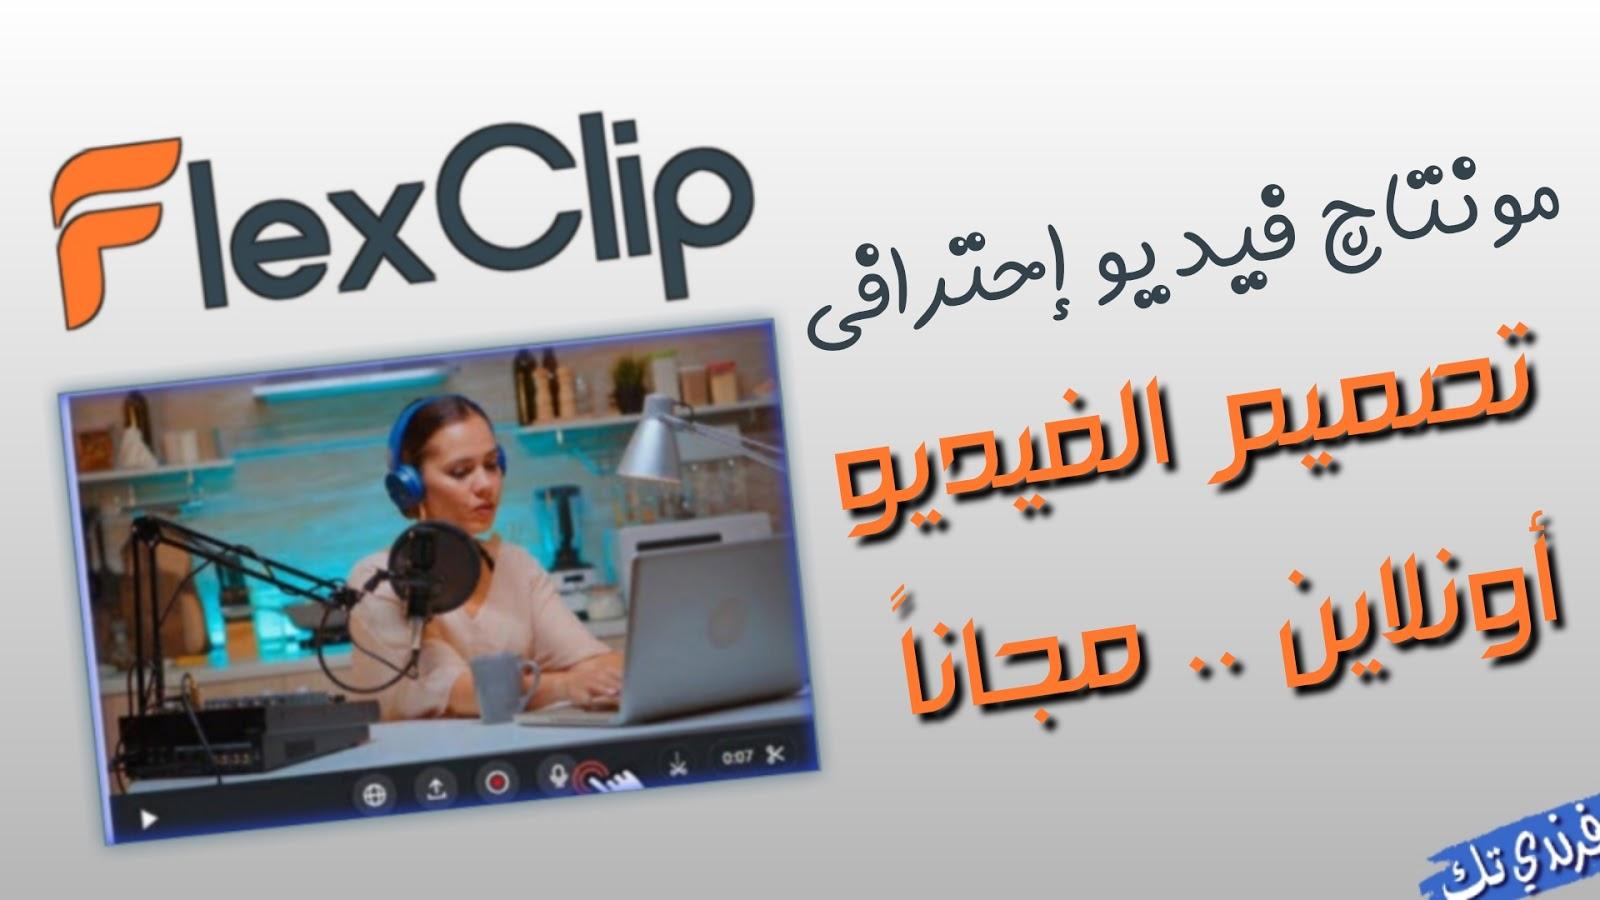 منصة flexclip لتصميم فيديو اونلاين إحترافي مجانا